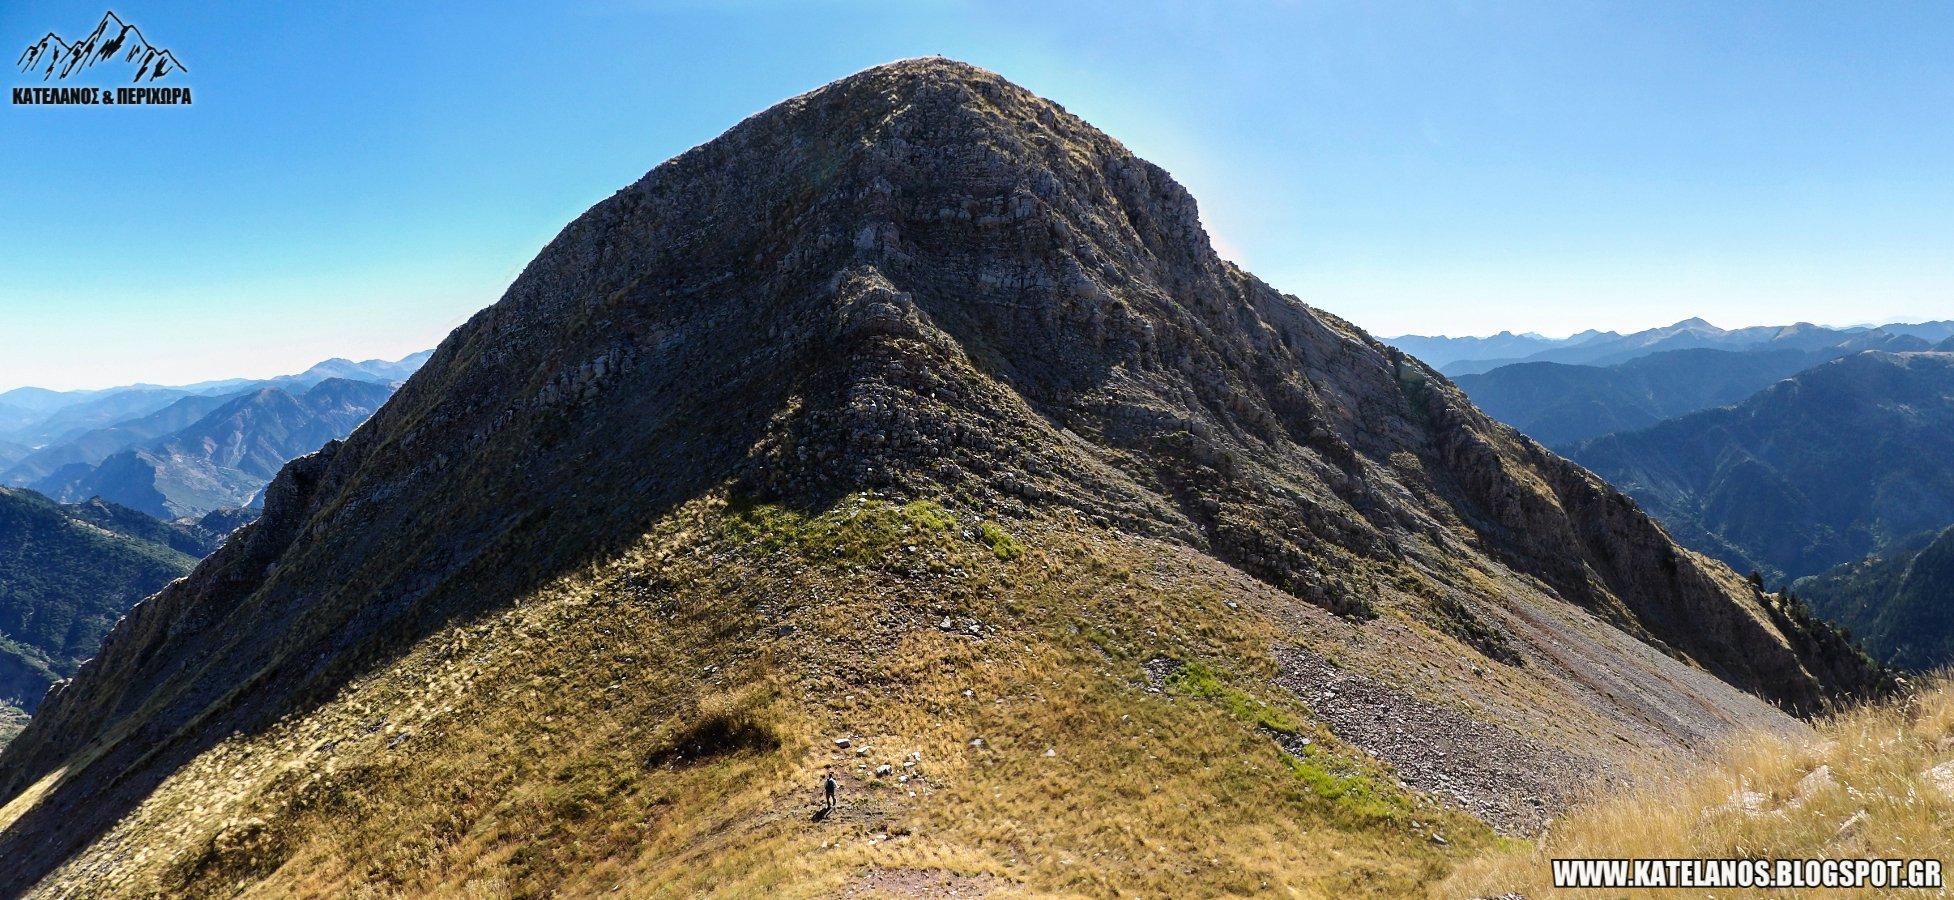 ορειβασια στην αιτωλοακαρνανια παναιτωλικο ορος διαδρομες νεραιδοβουνι